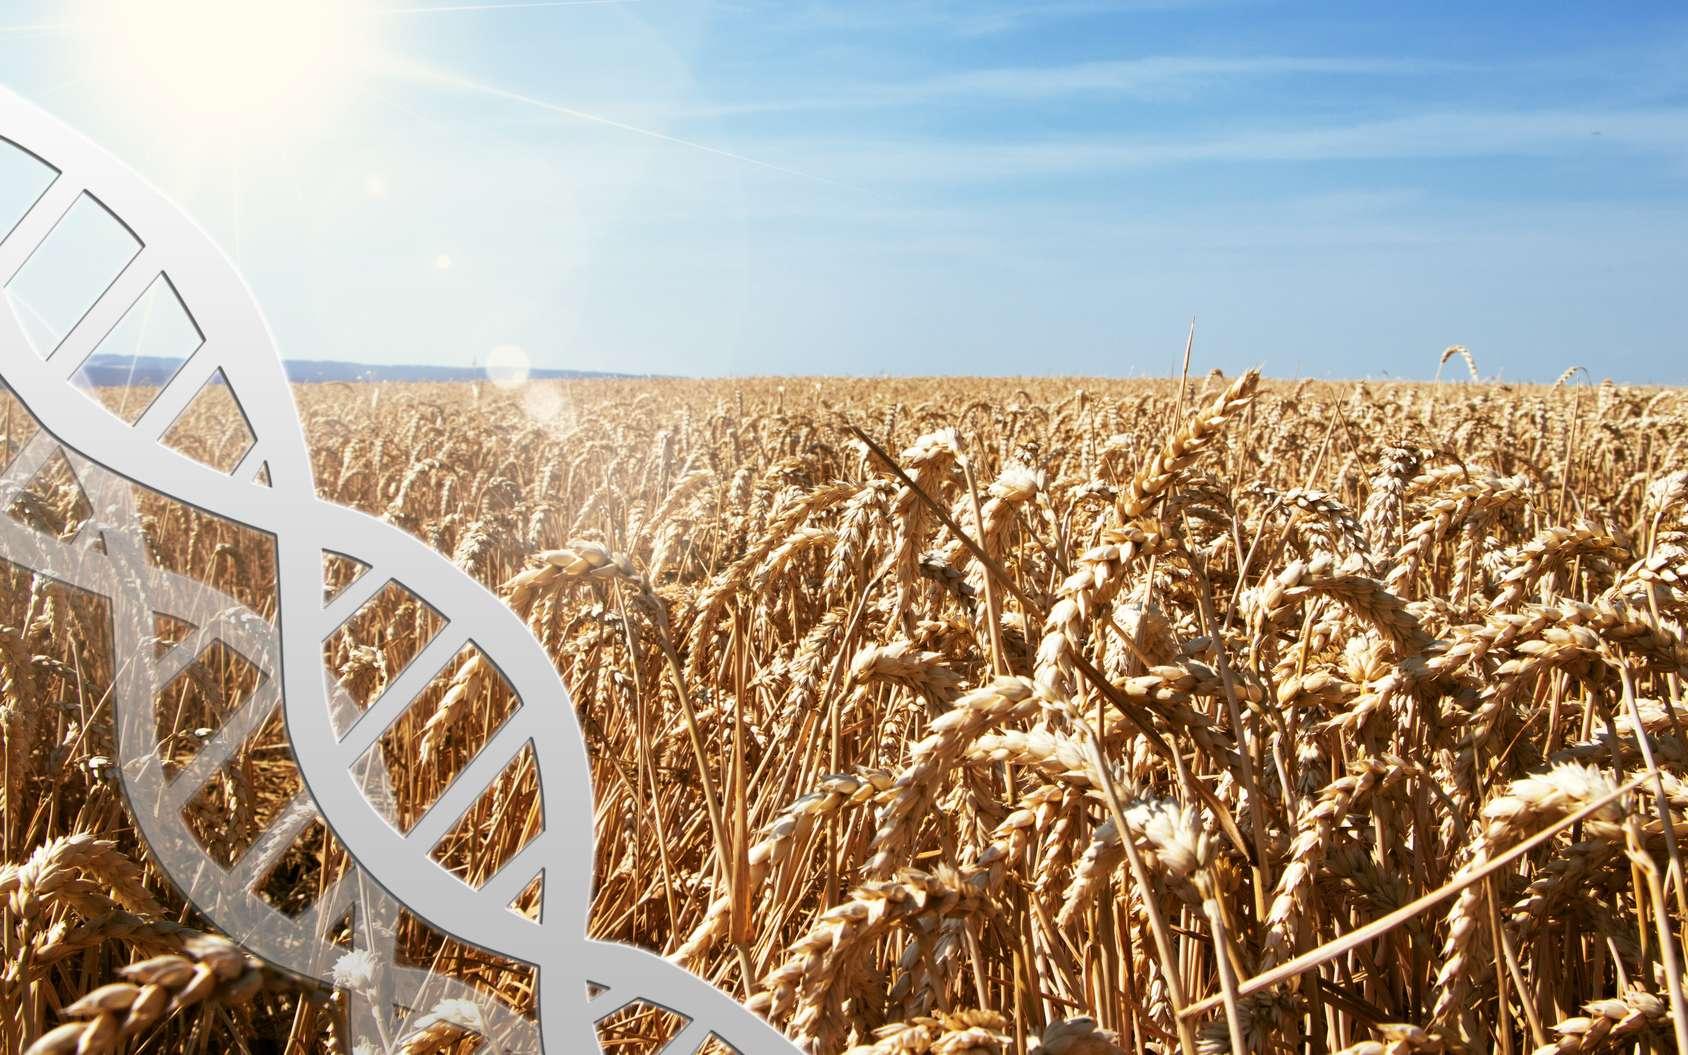 Face aux défis du réchauffement climatique et de la population humaine grandissante, les OGM sont une des réponses fiables que l'on devra mettre en œuvre. © Juliane Franke, Fotolia